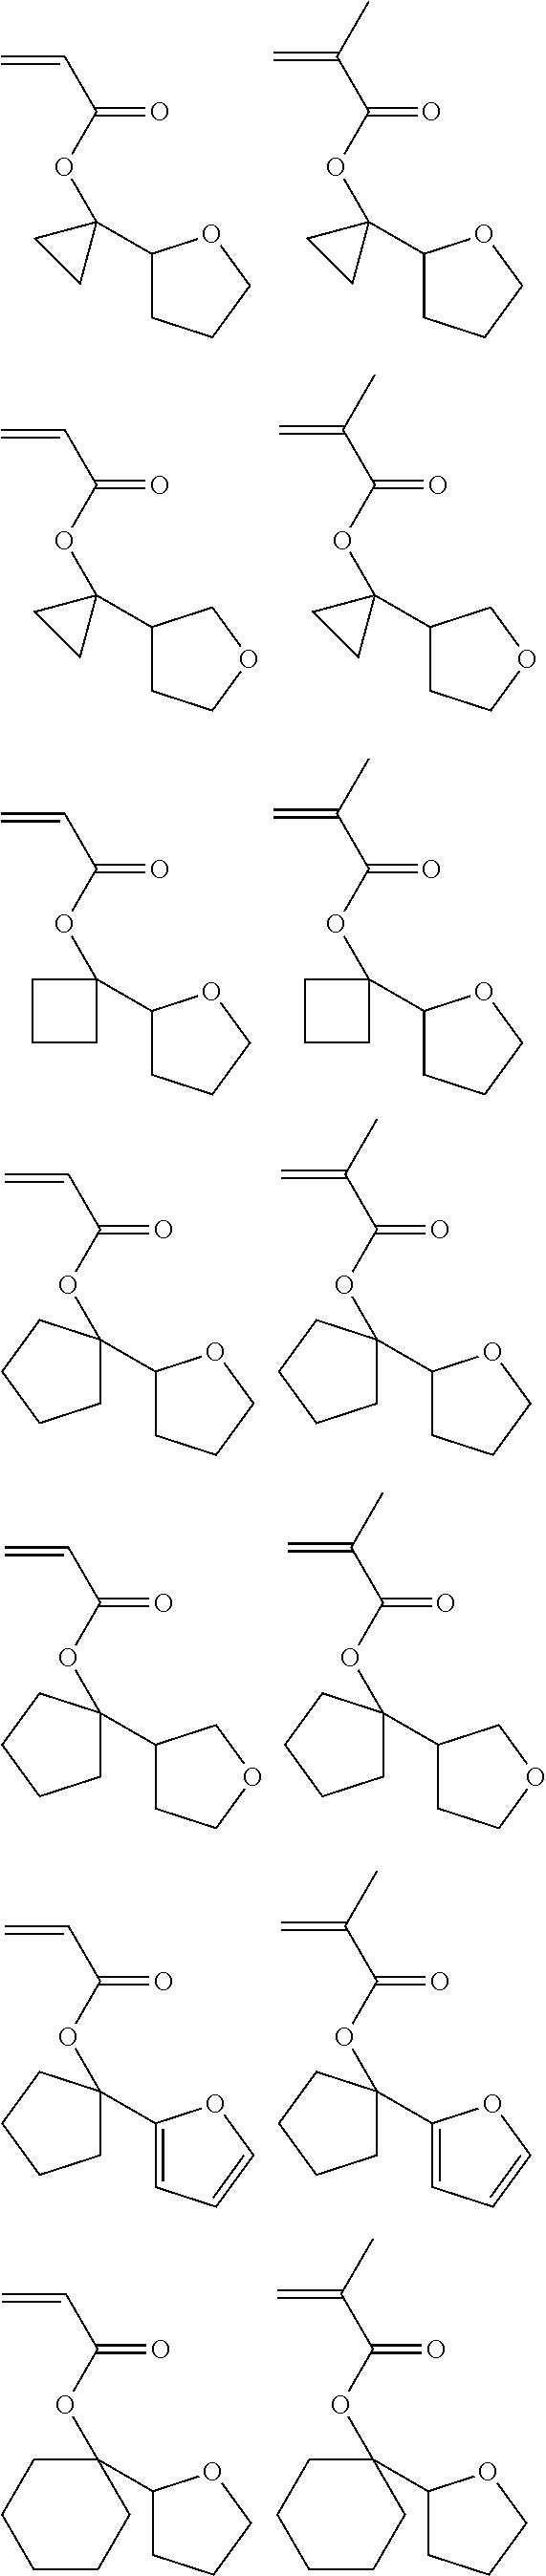 Figure US09017918-20150428-C00060